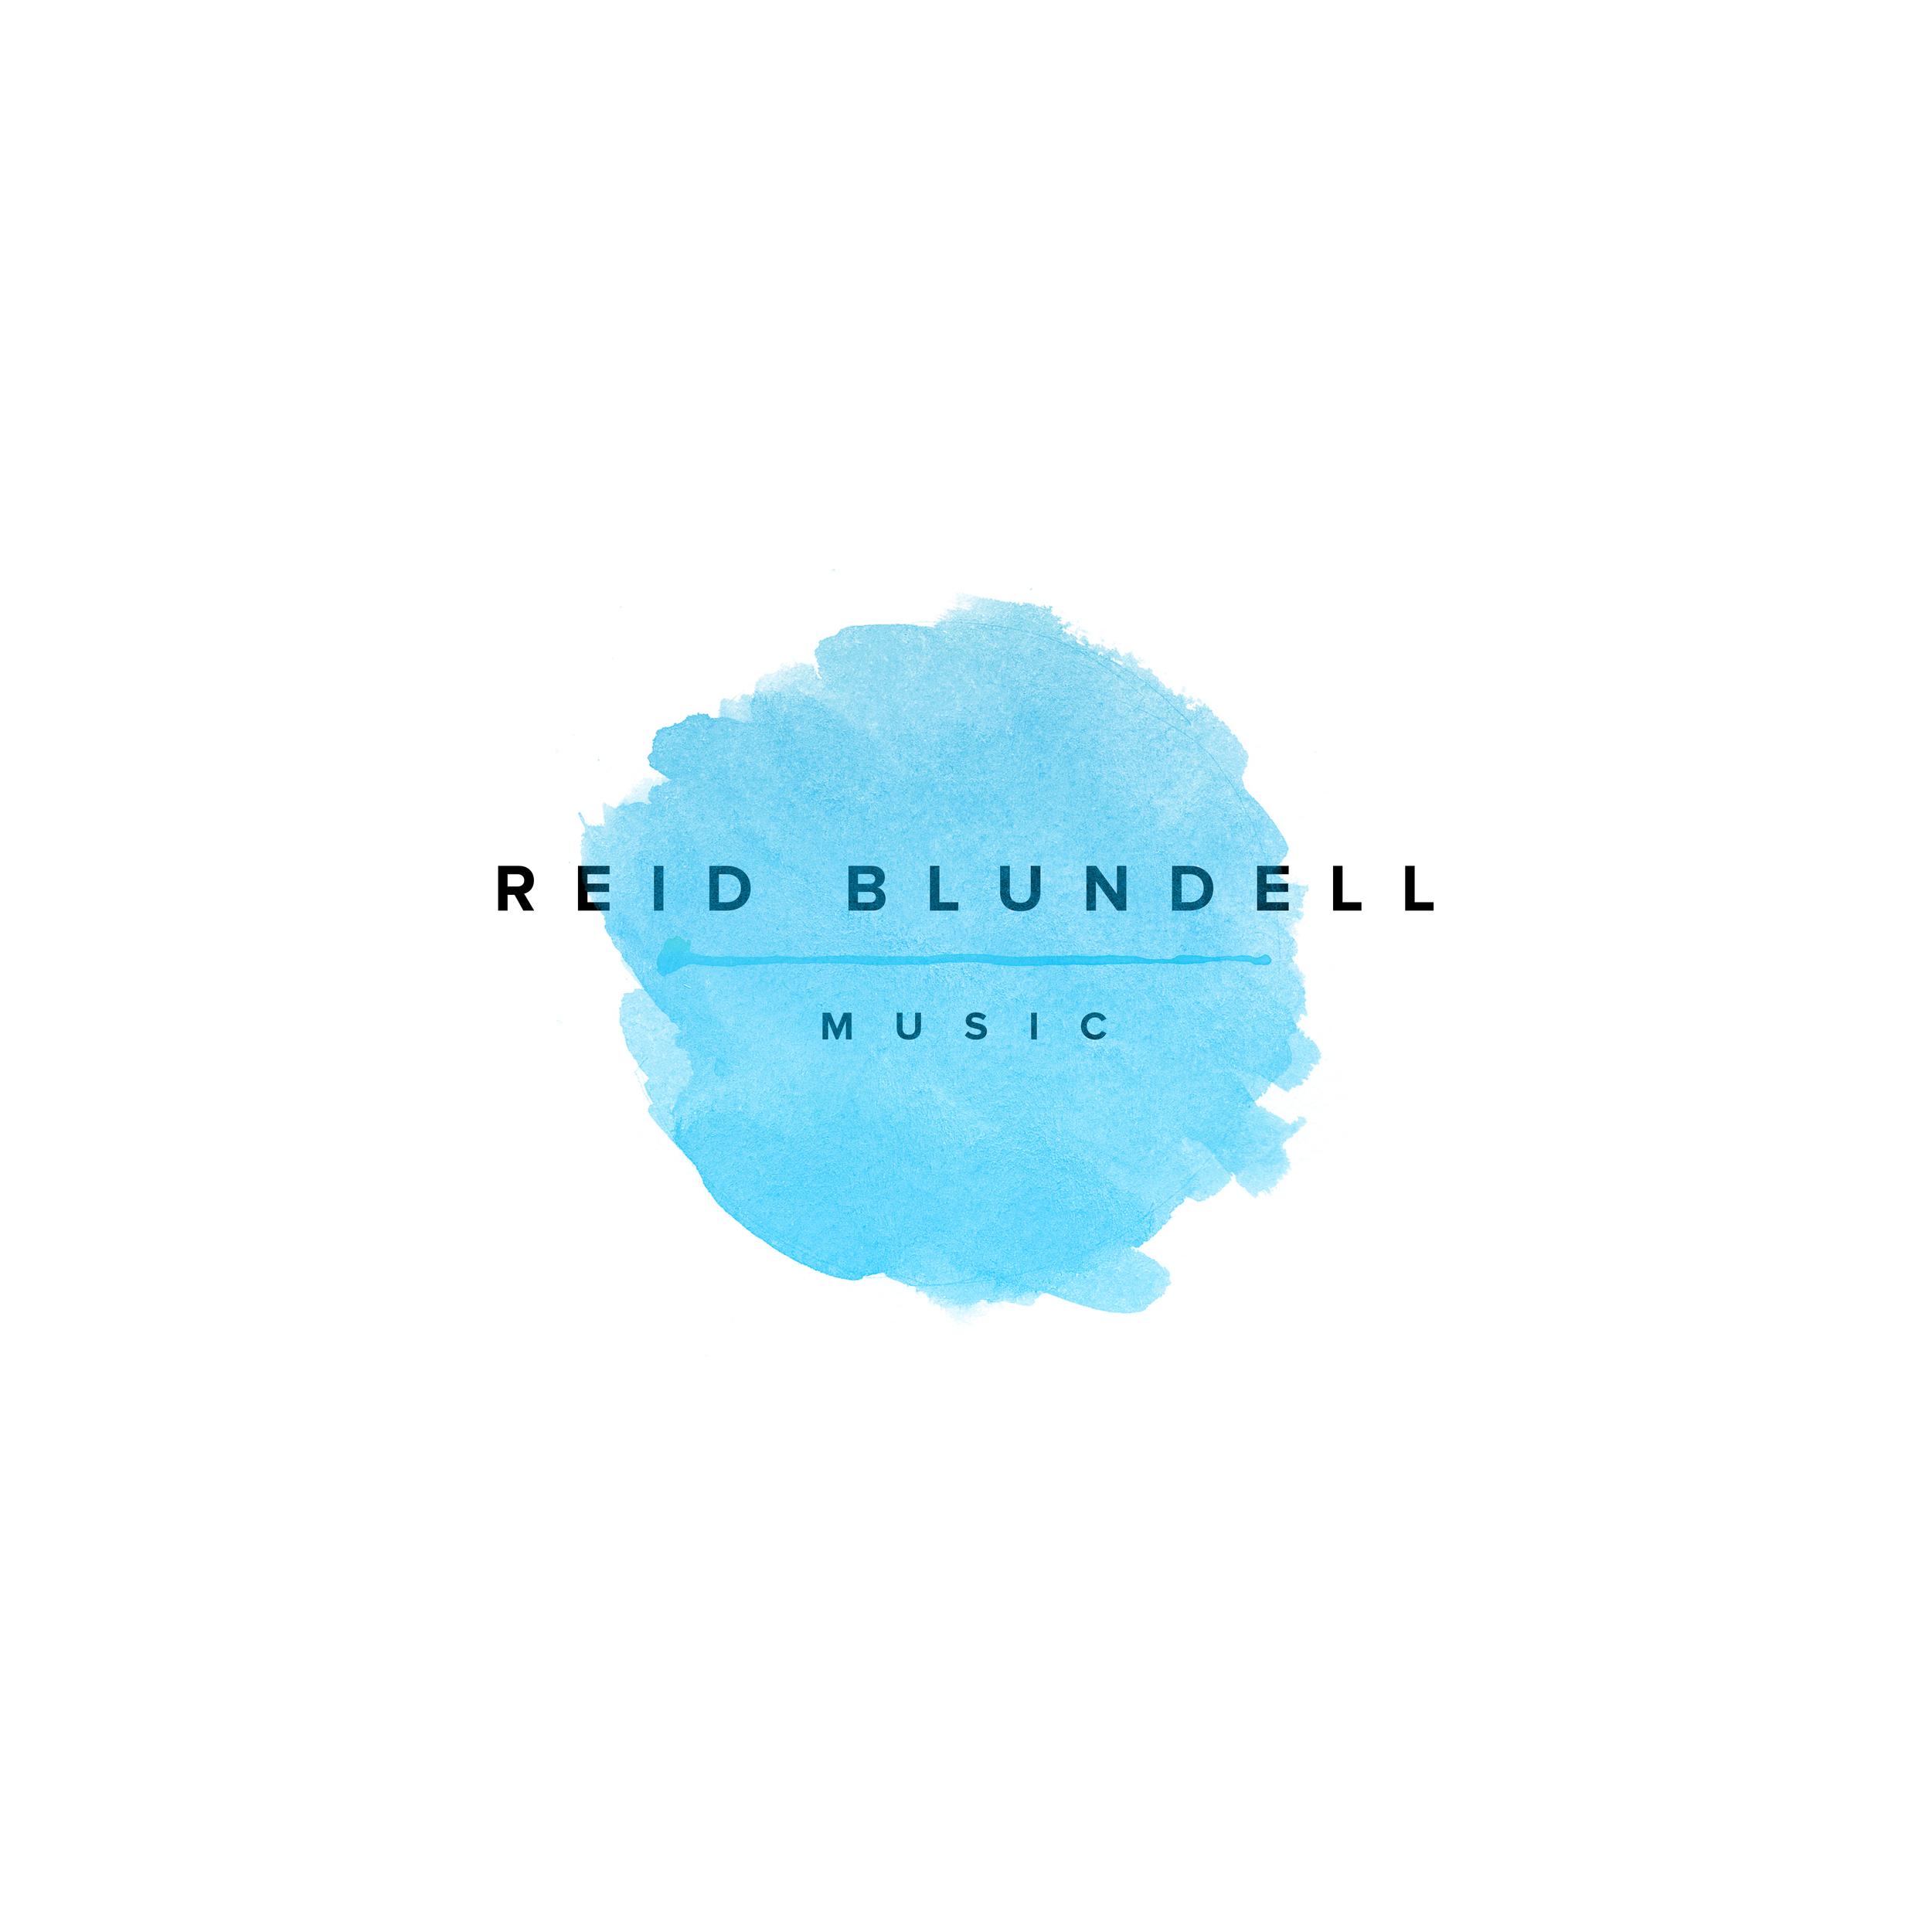 RB MUSIC Logo 1.jpg